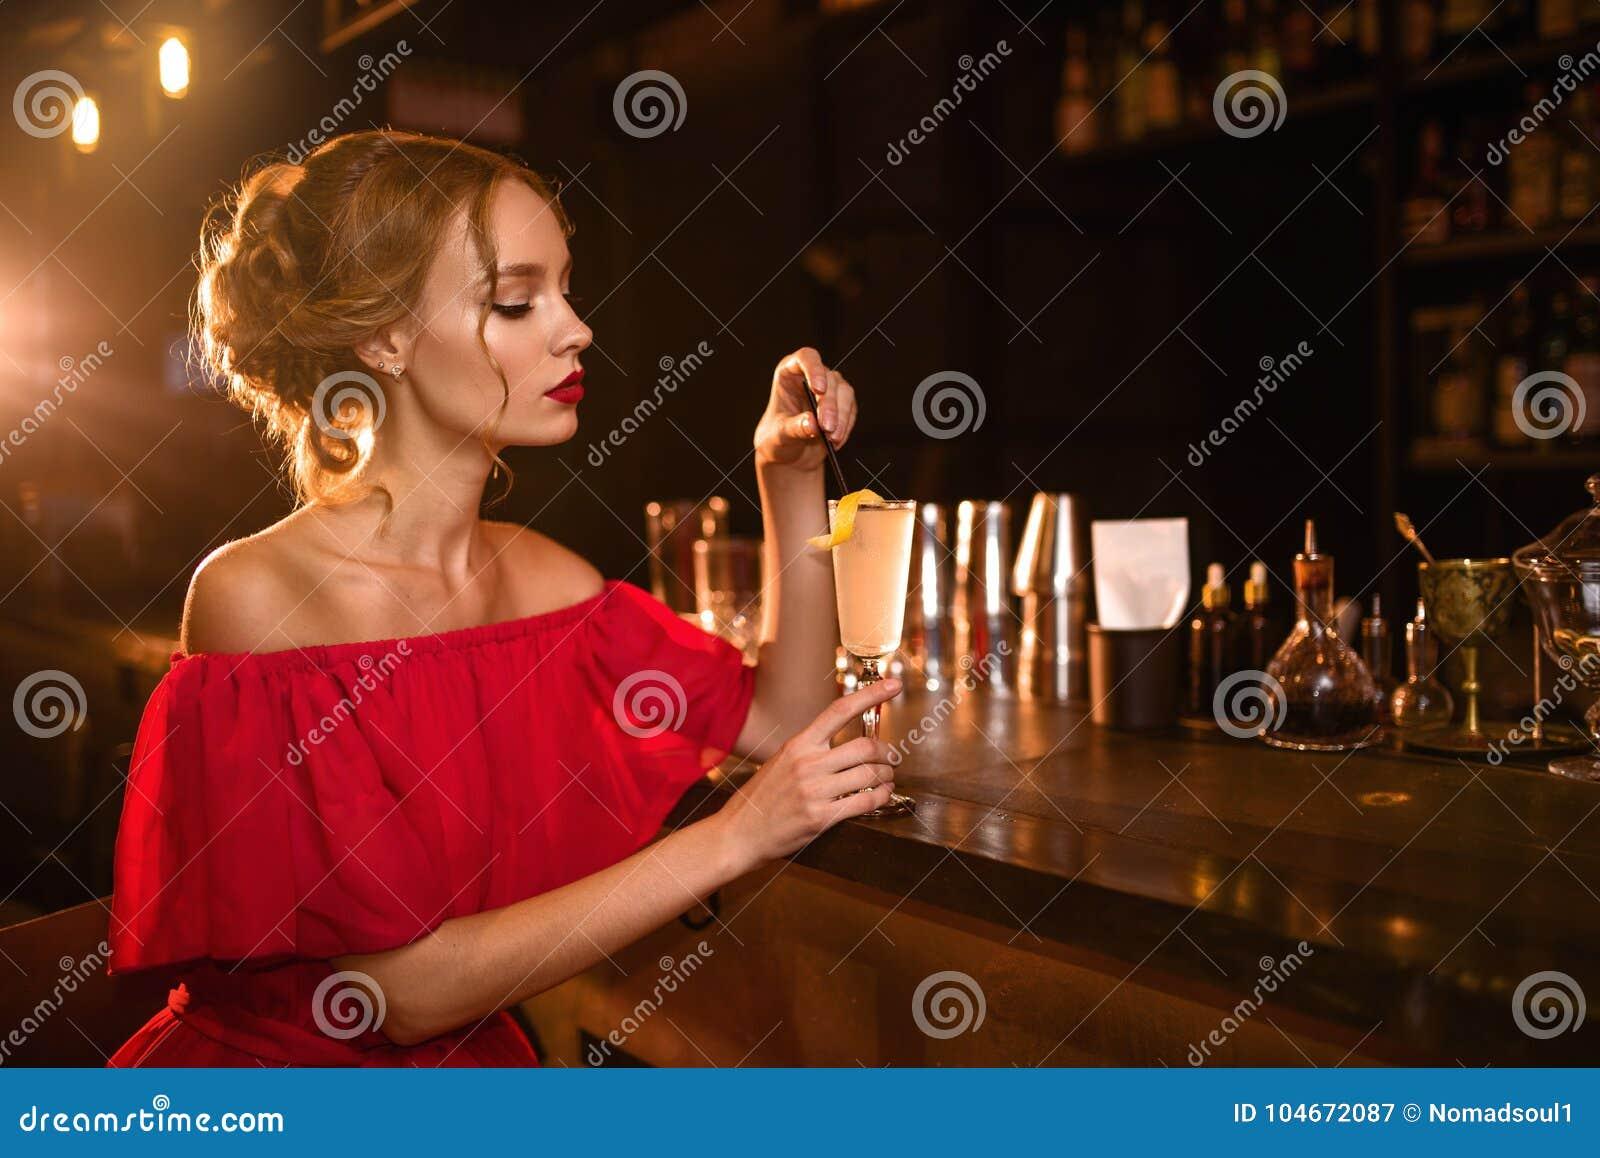 Фото девушки в красном платье в клубе, порно фото видео казахстанские знаменитые люди